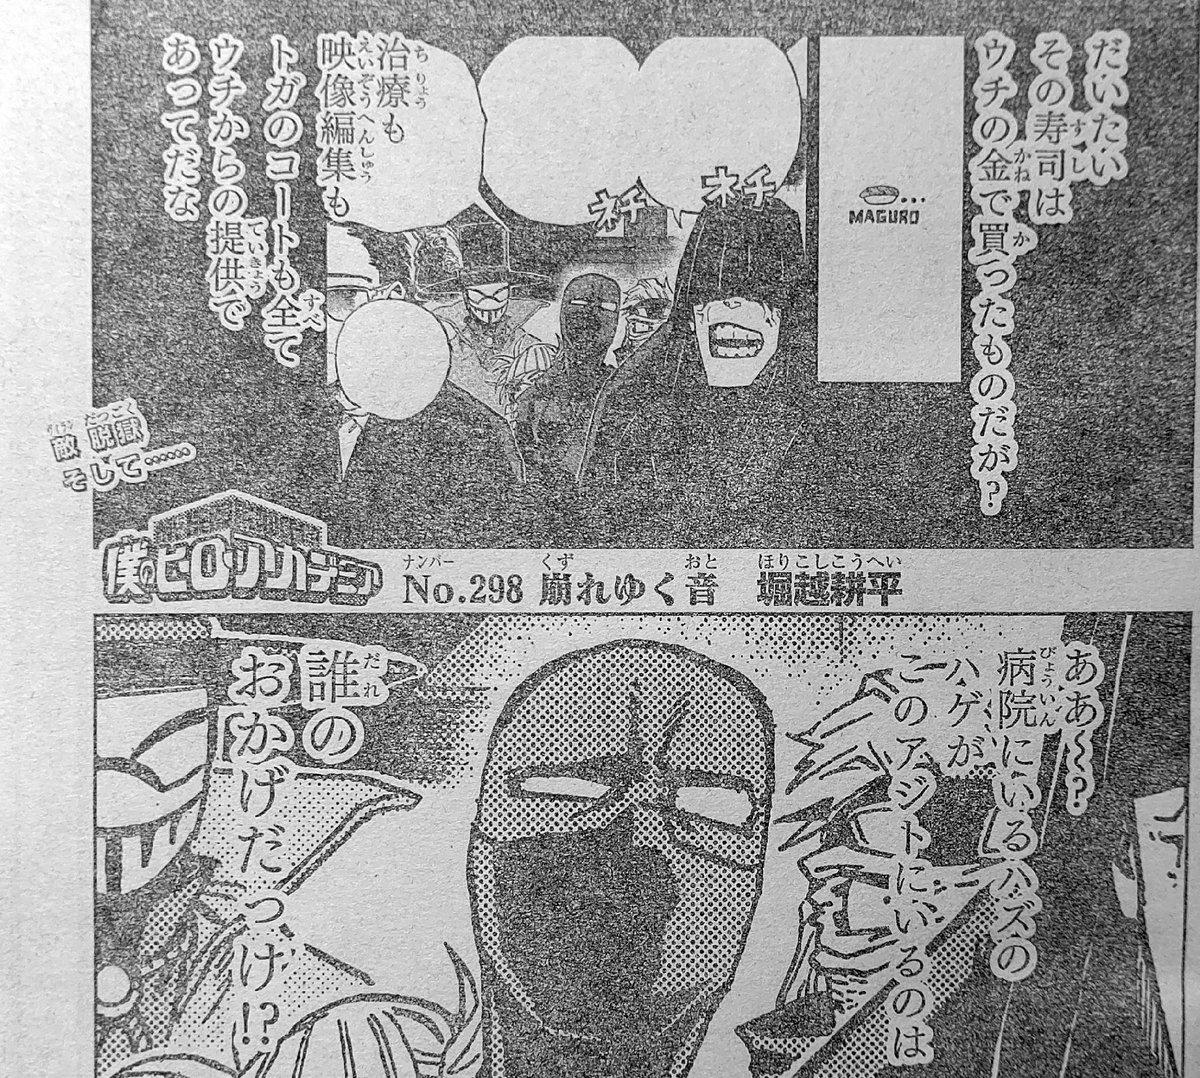 #BNHA298 . . . . . . Ma Horikoshi che mette Twice così all'improvviso? Ma poi lo zoom solo su di lui- basta, non riesco nemmeno a dire quanto gli voglio bene. Horikoshi dillo che mi vuoi far piangere, forza ammettilo.